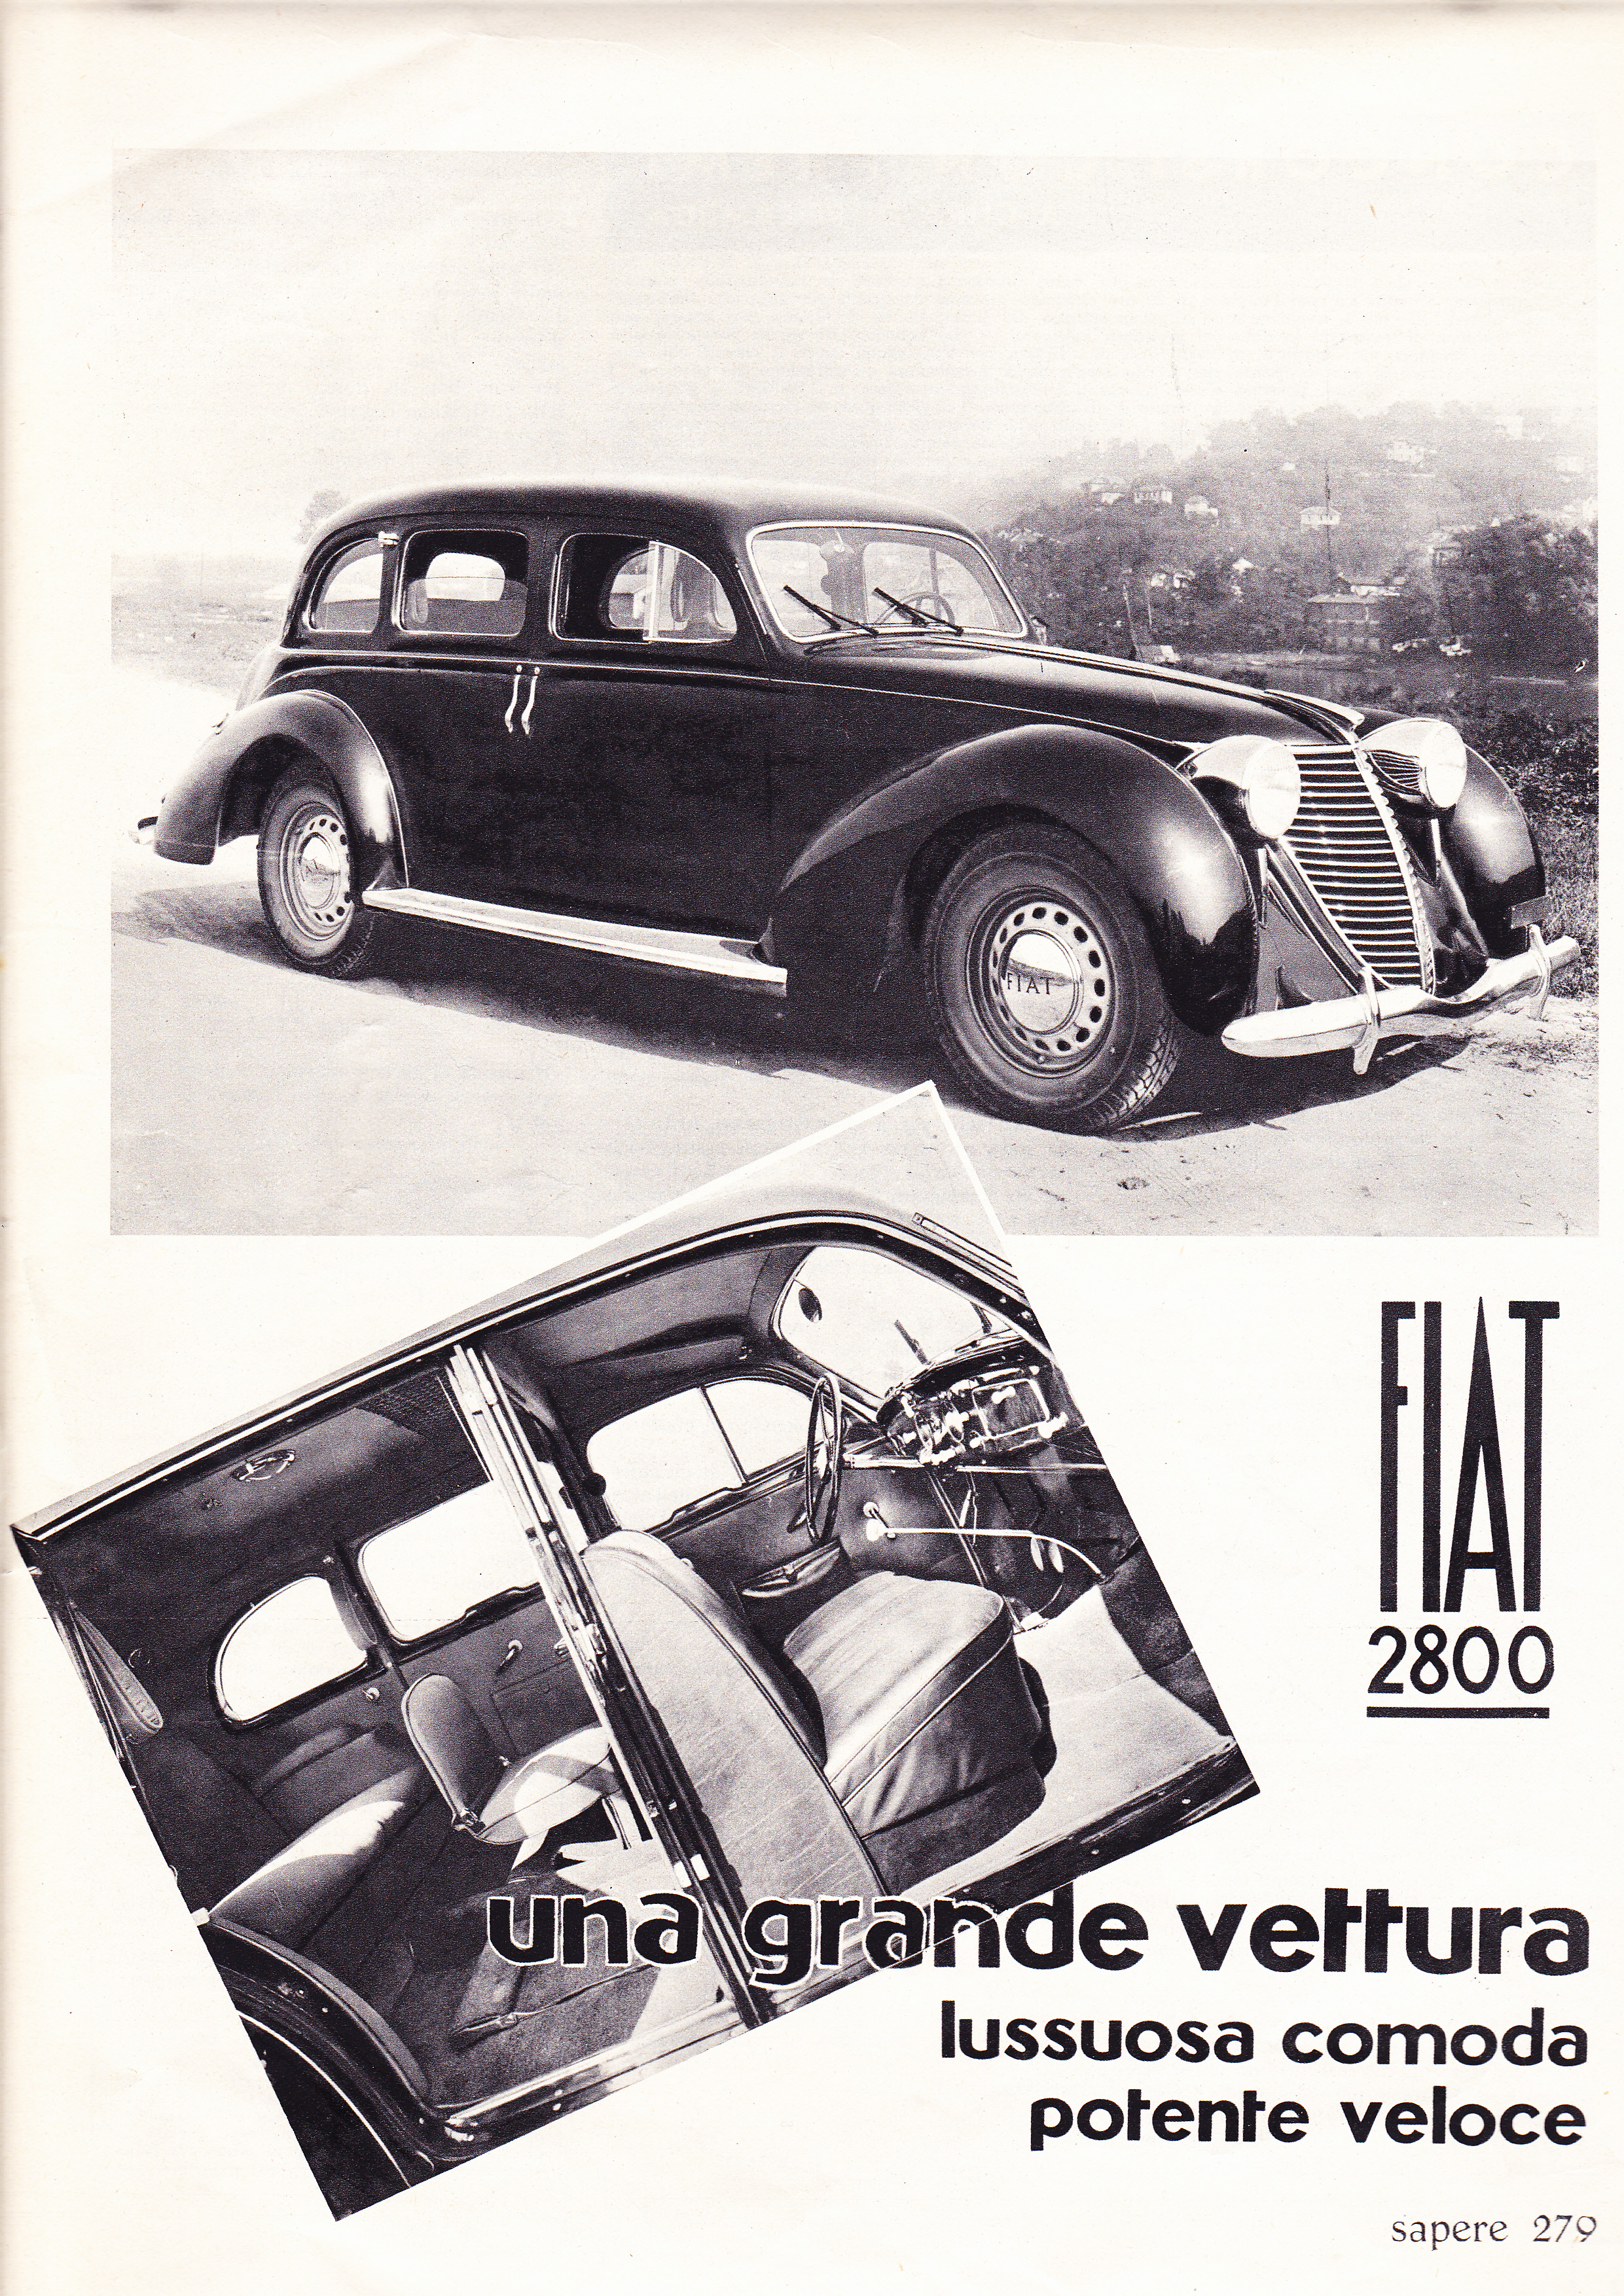 01. Publicité automobile